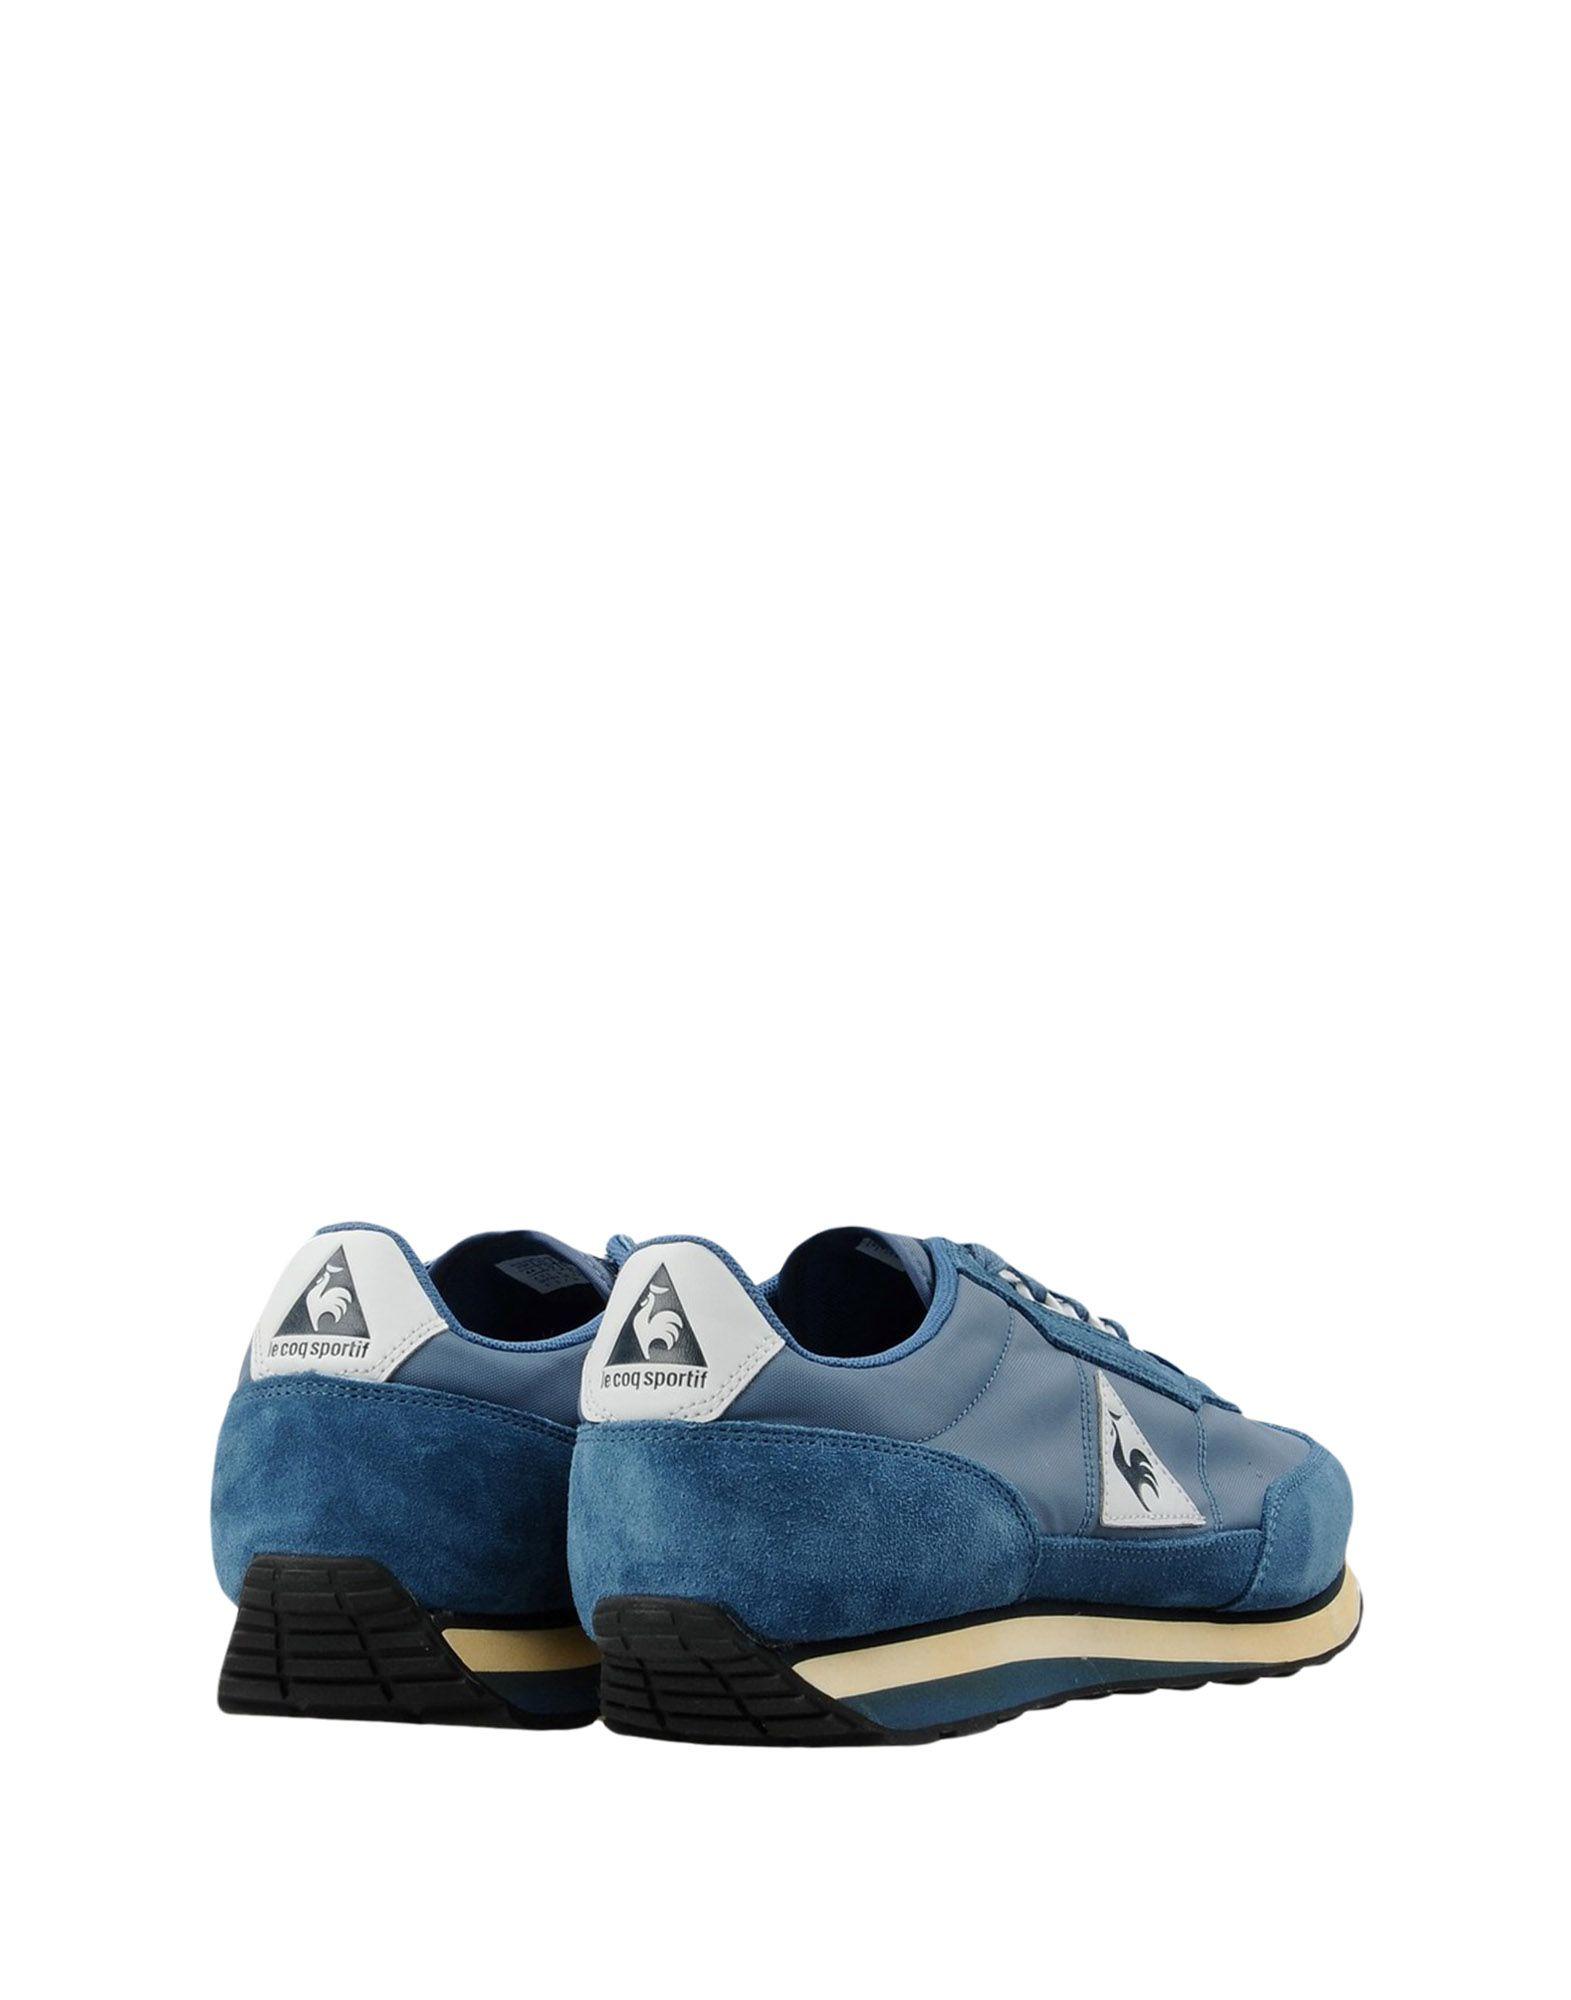 Sneakers Le Coq Sportif  Azstyle Vintage - Uomo - 11289073EA